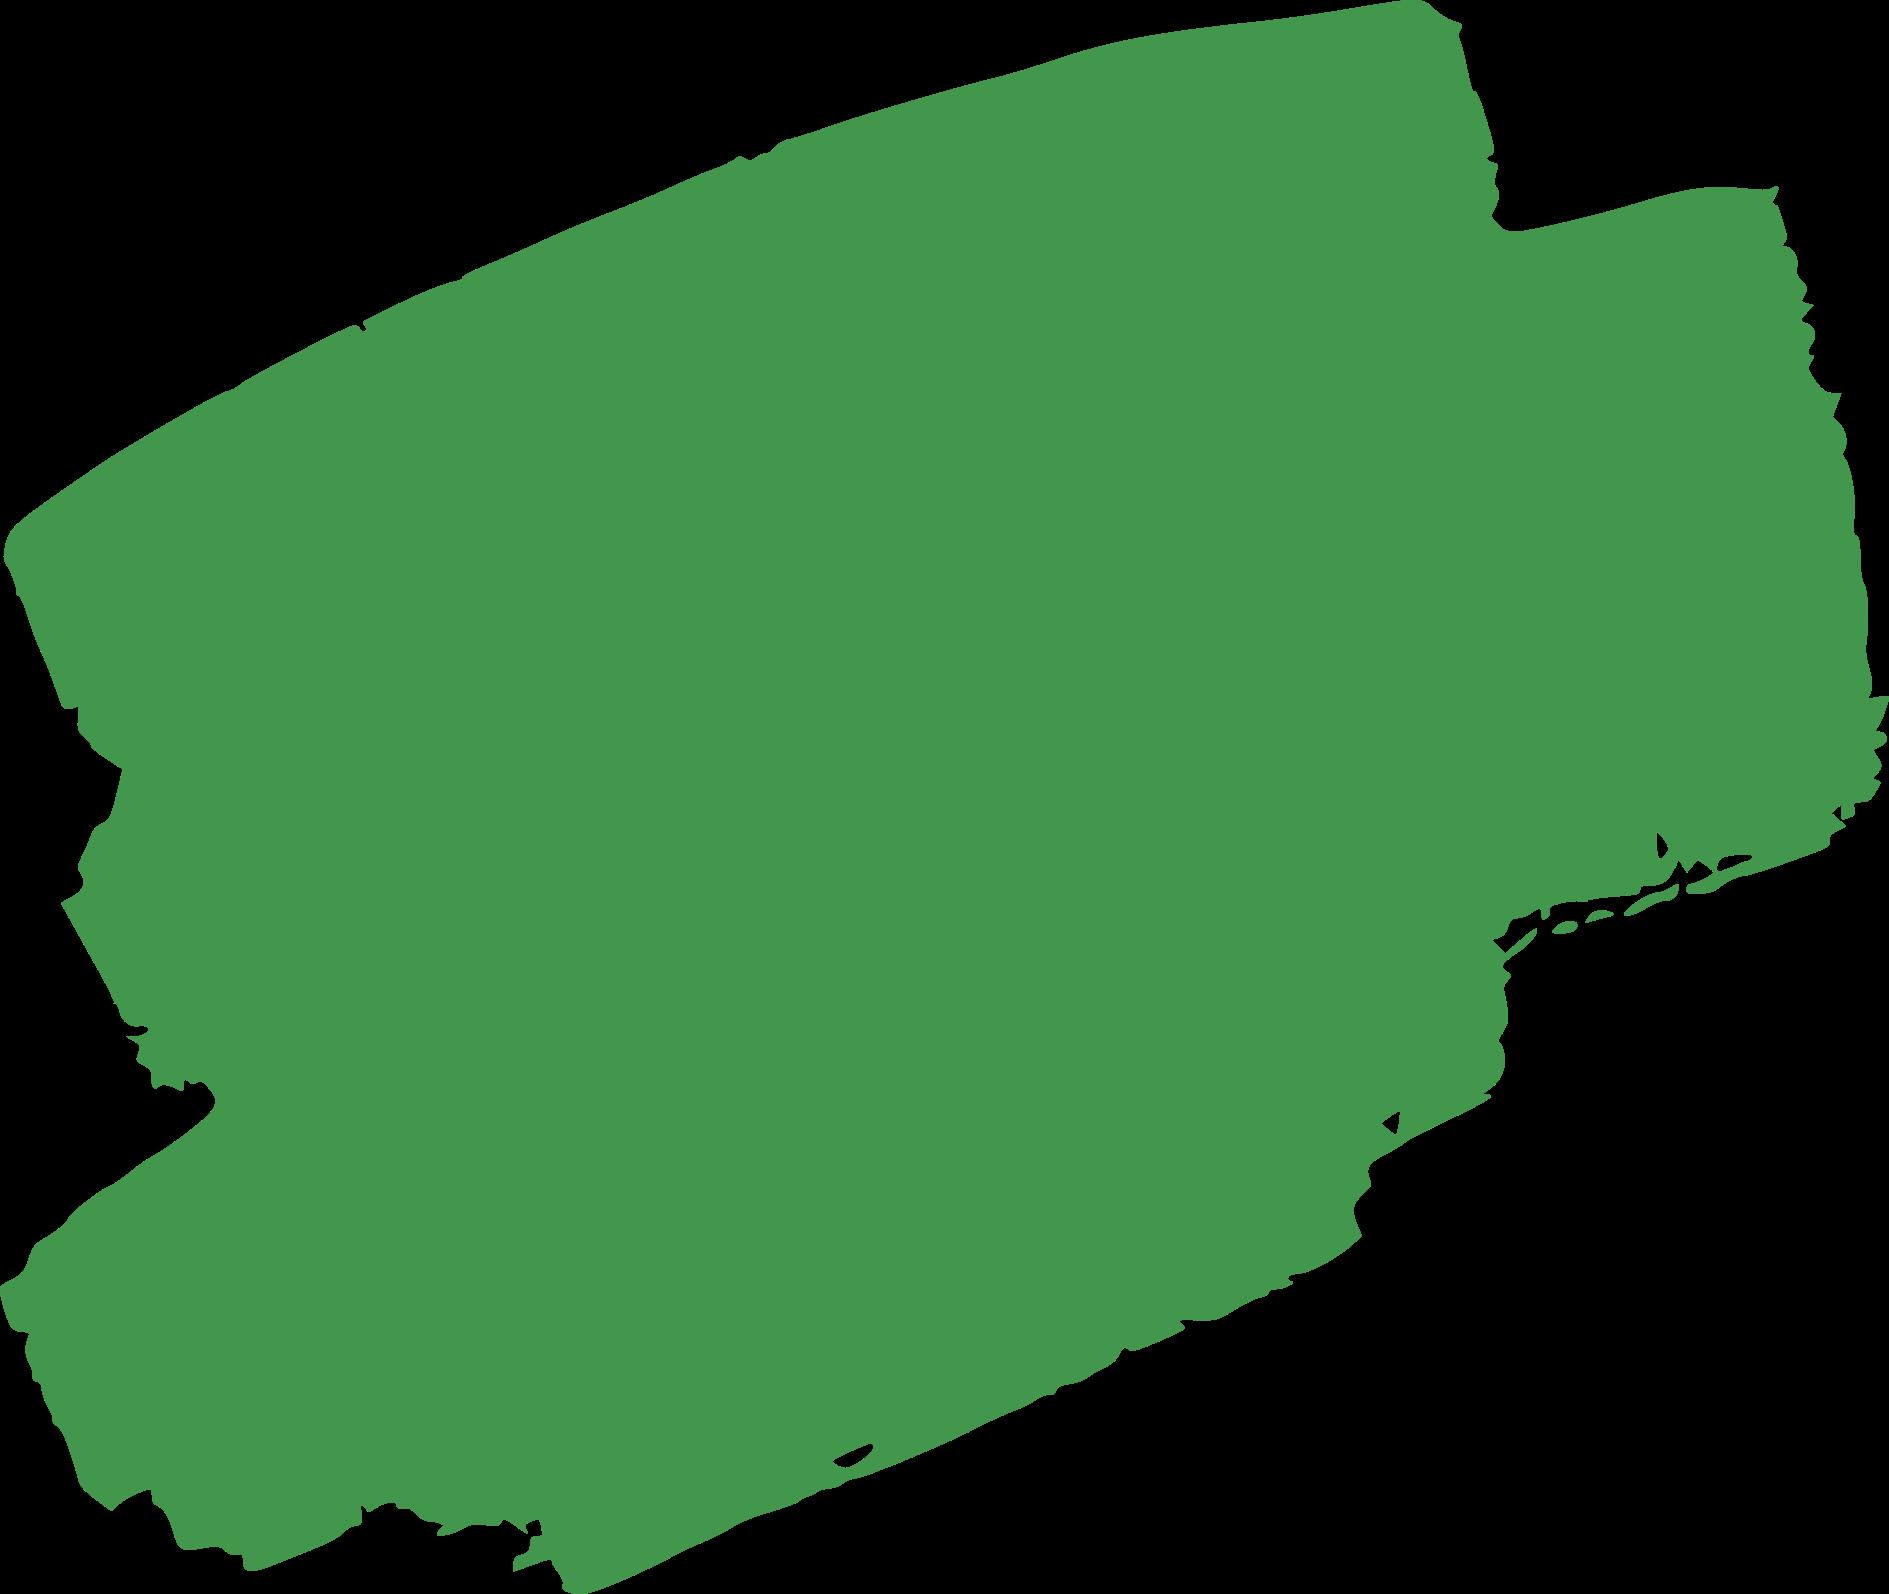 mancha-verde